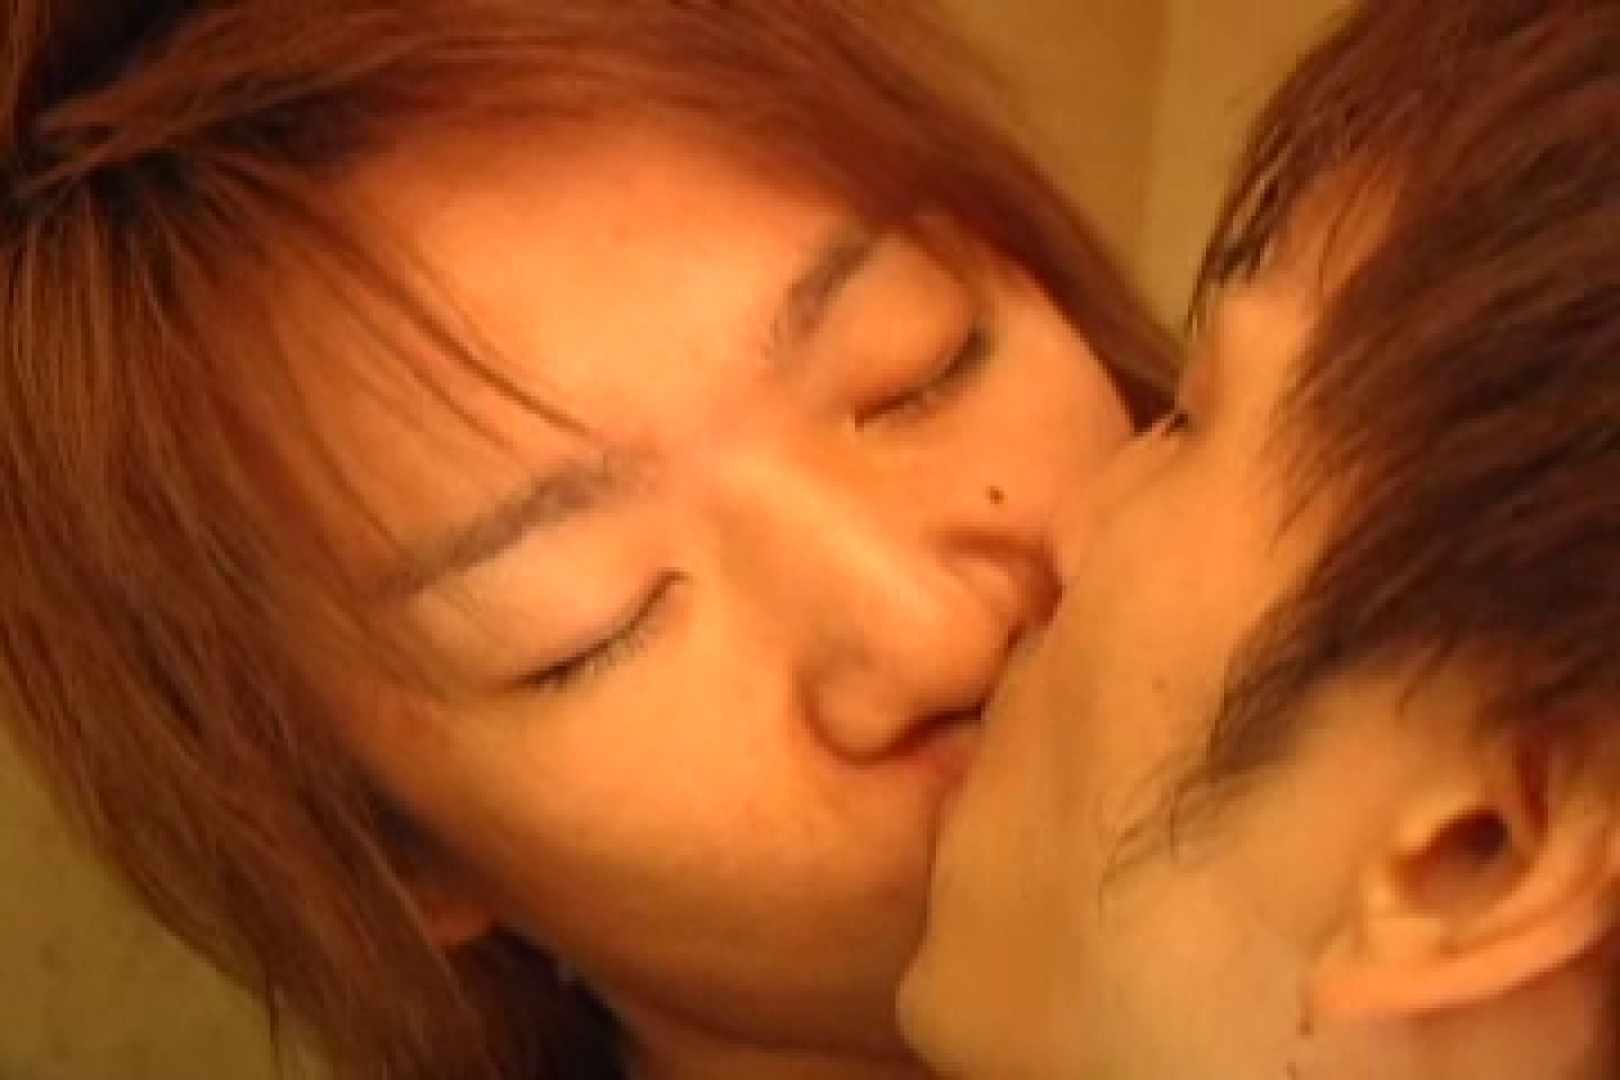 美しいmensは「トロマン」が大好き!!vol.01 人気シリーズ ペニス画像 58連発 26